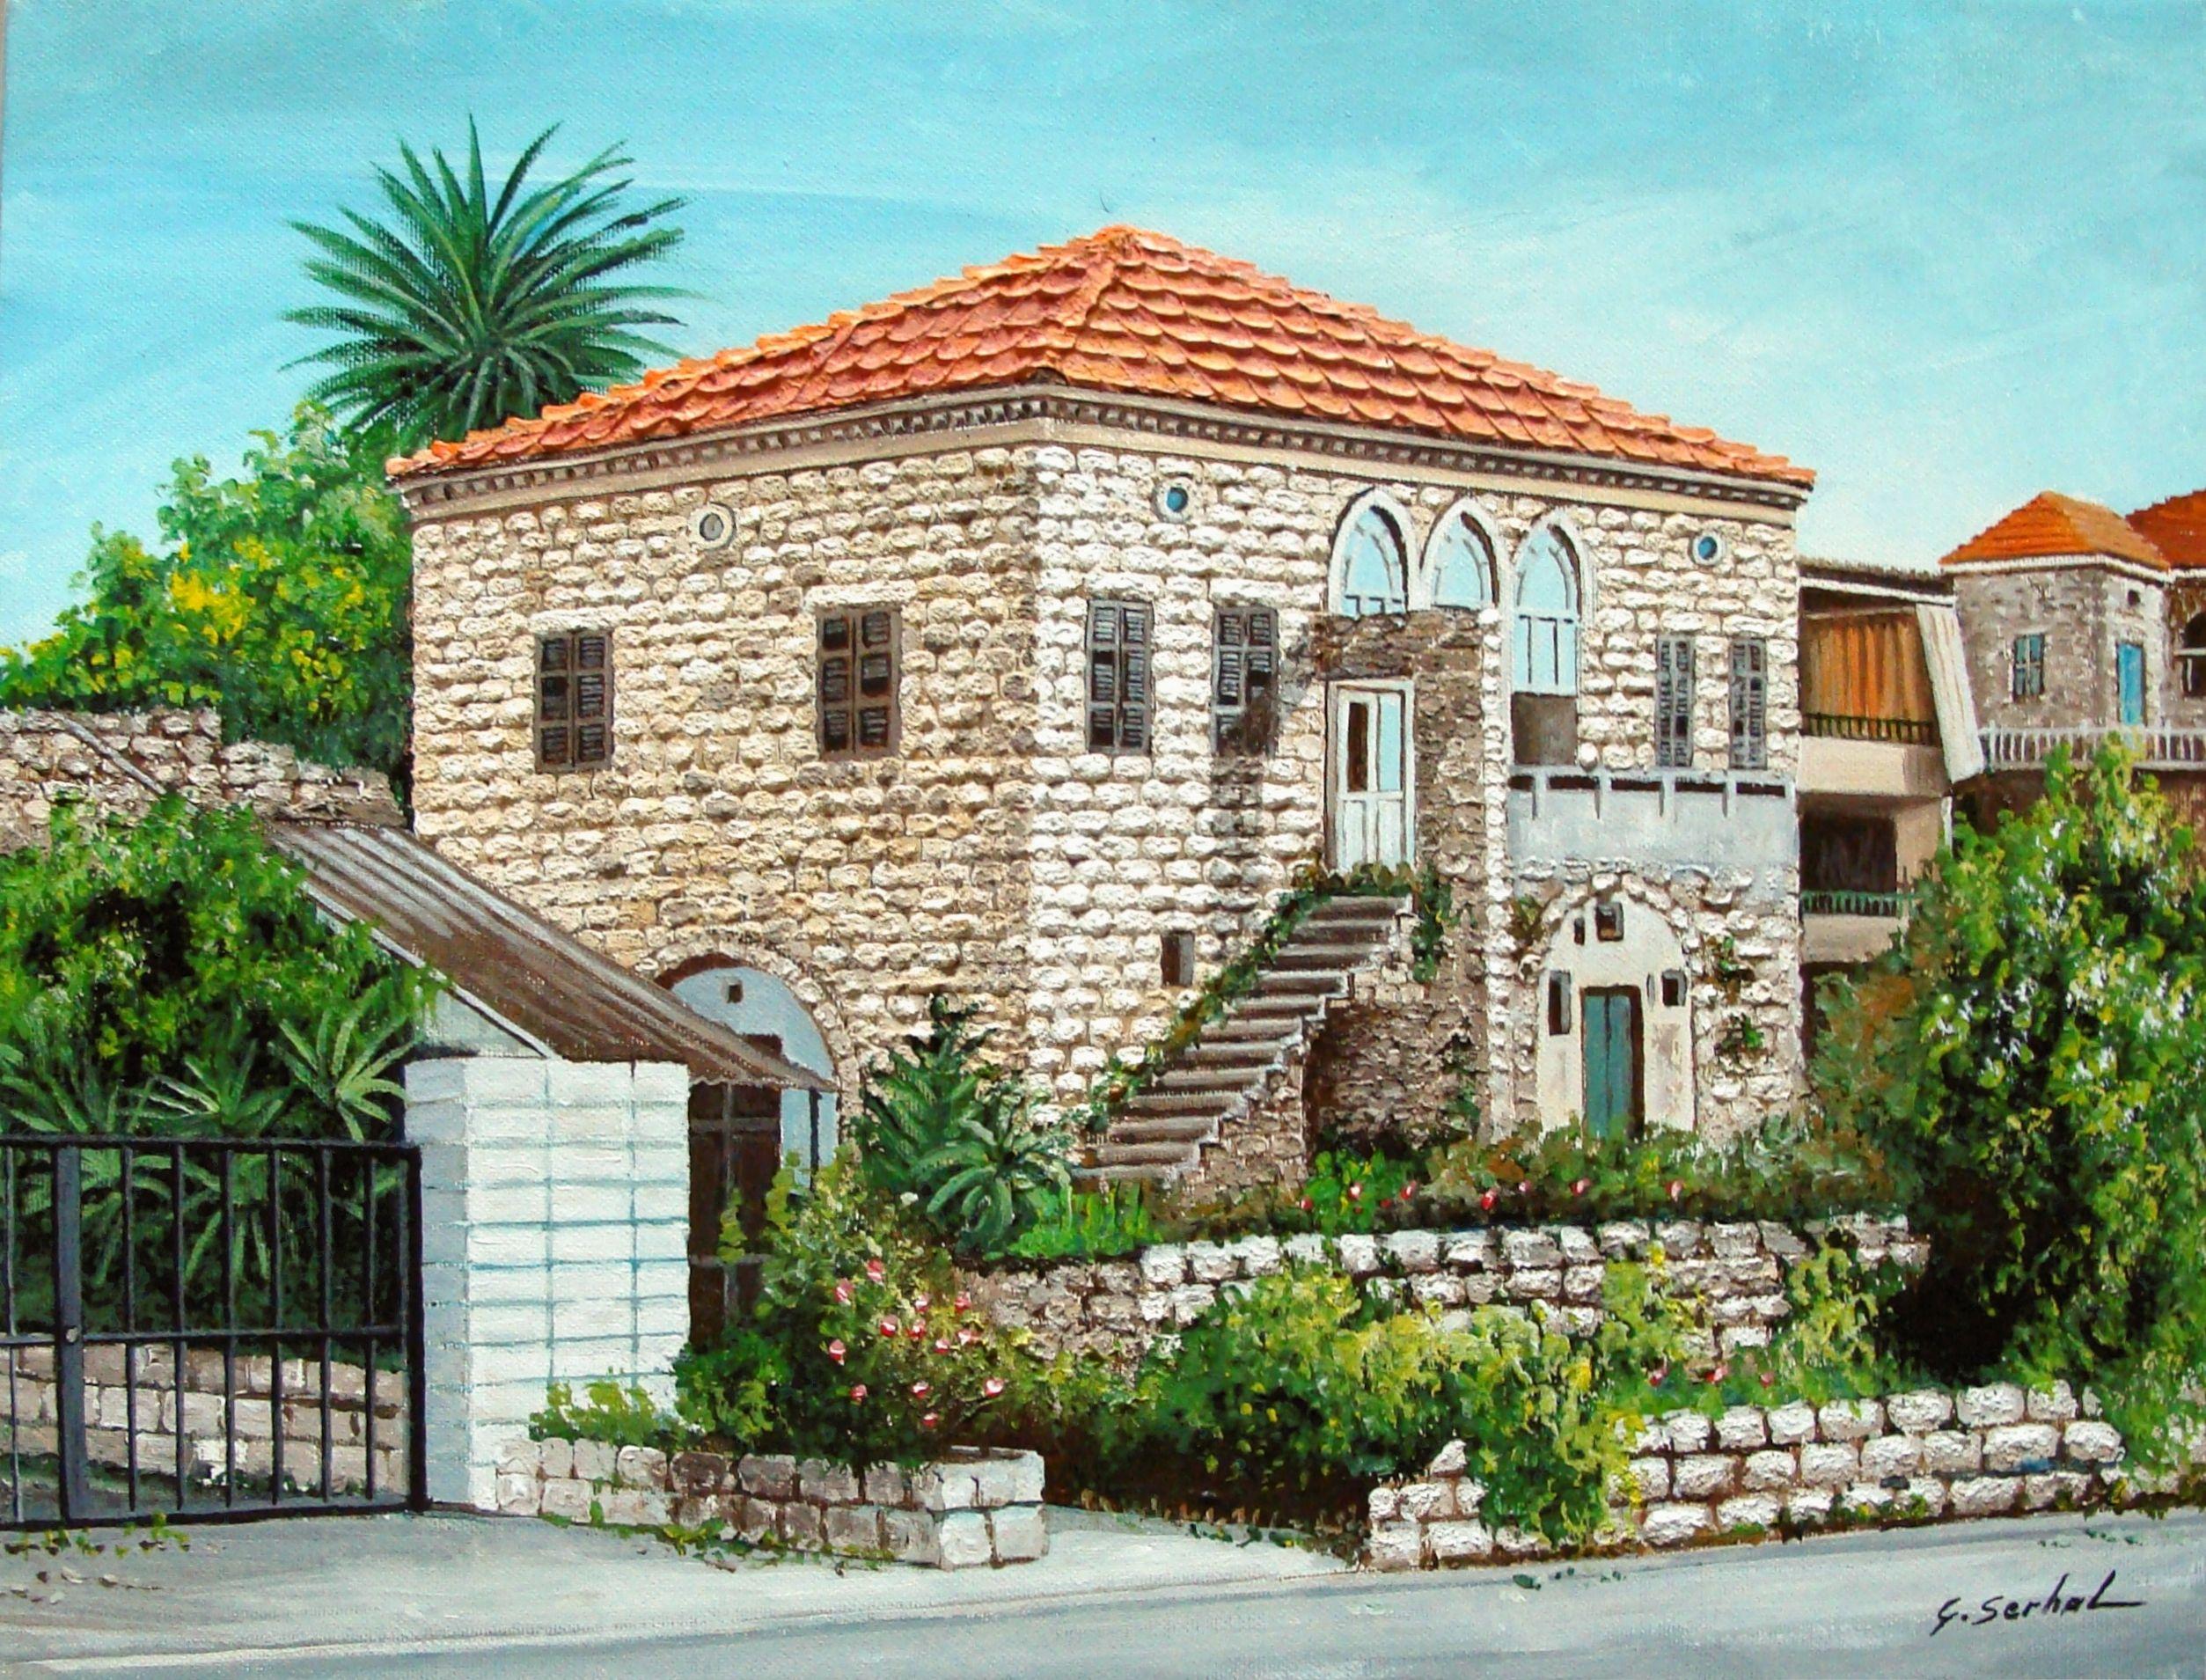 Deserted Lebanese House In Zouk Old Lebanon Architecture Pinterest Deserts Lebanon And House